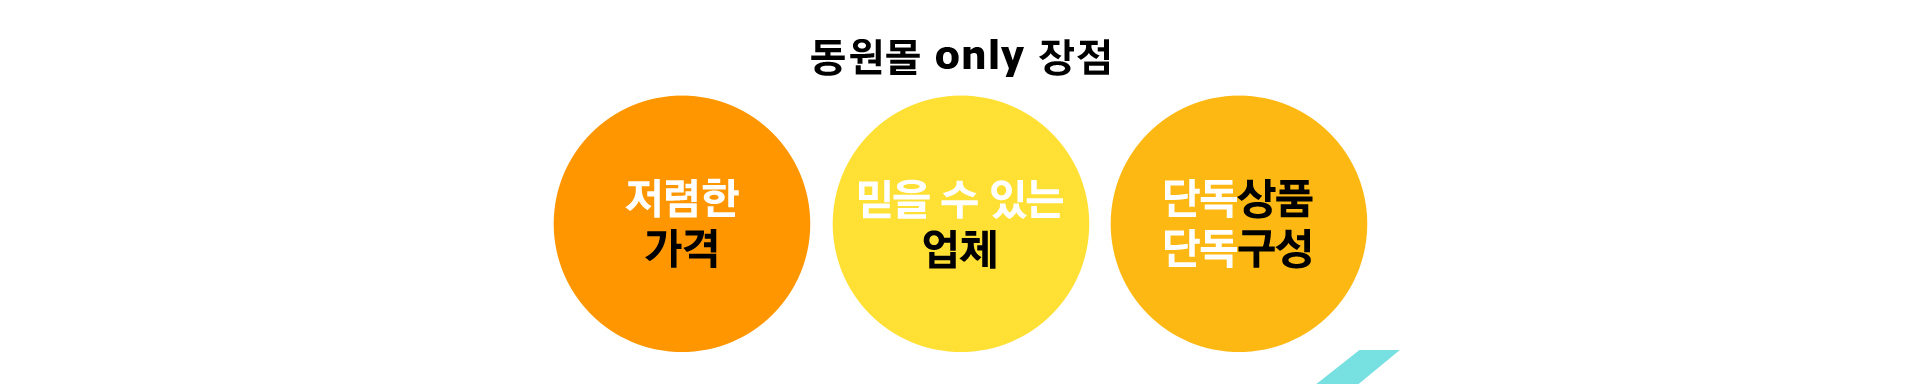 동원몰 Only 장점 저렴한 가격 / 믿을수 있는 업체 / 단독상품 단독구성